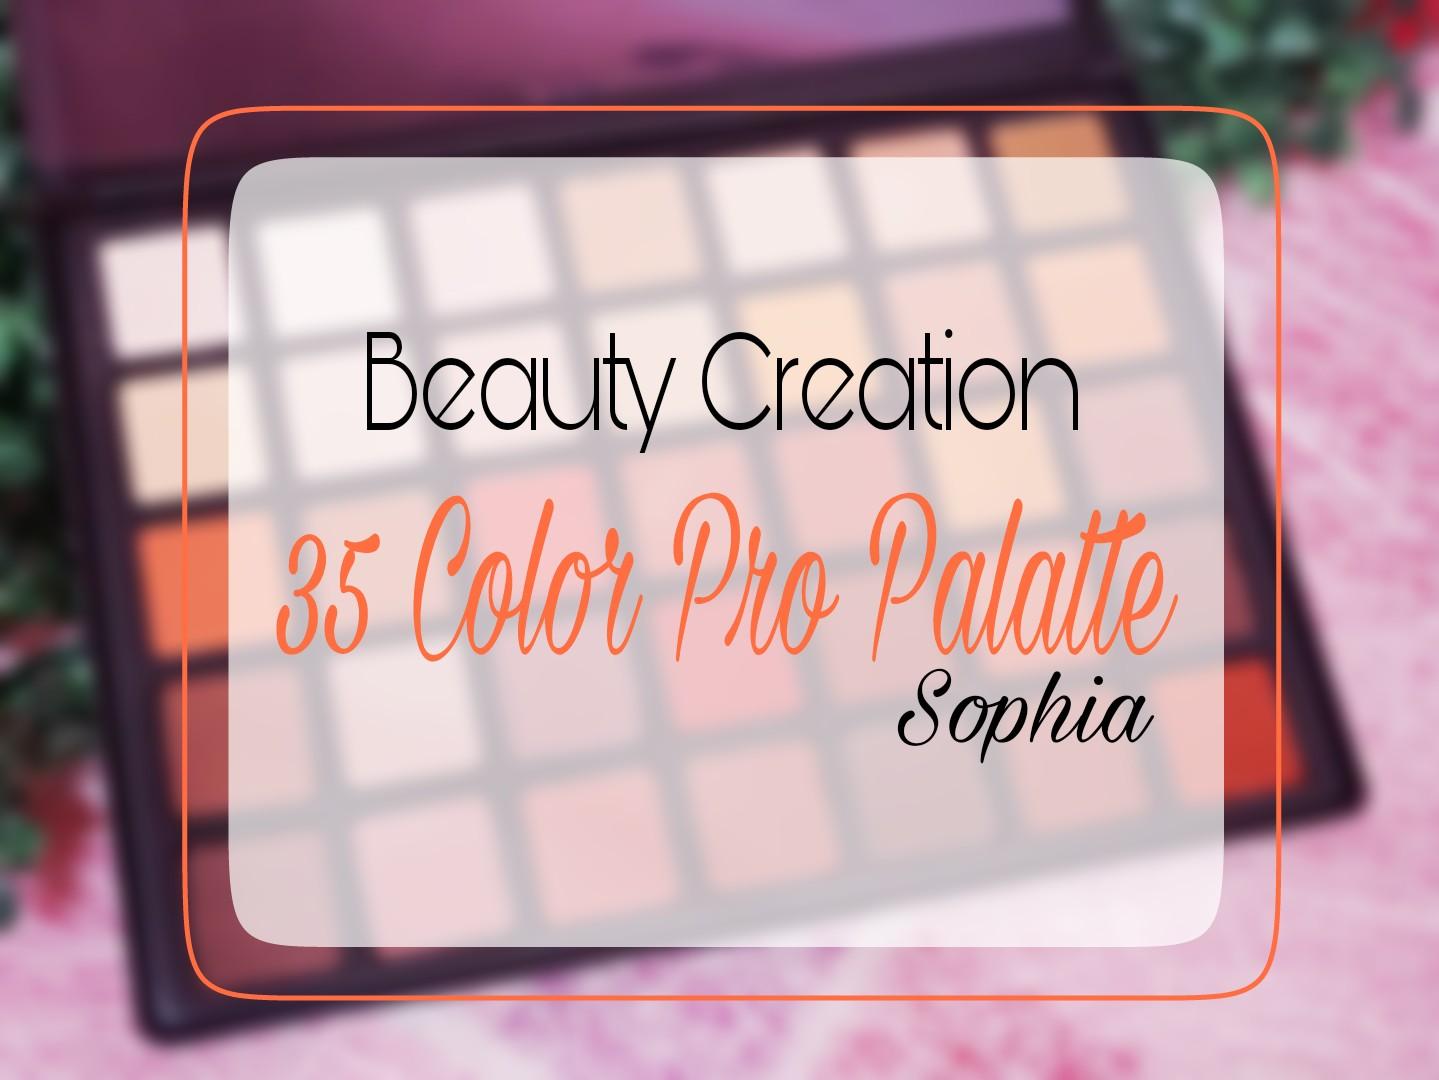 Review Beauty Creation 35 Color Pro Palette Sophia